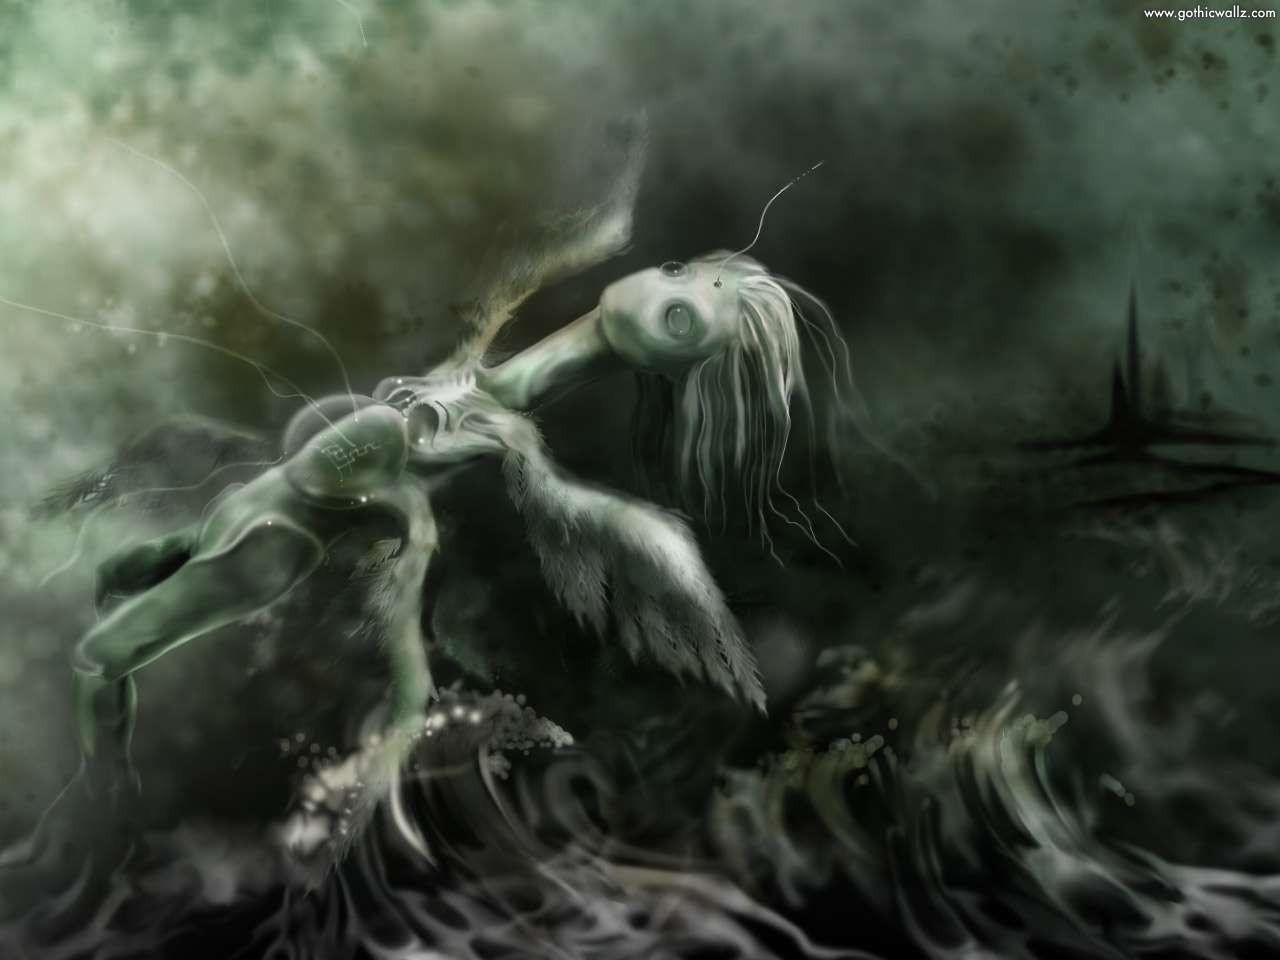 Dark Angel Doll Fly   Dark Gothic Wallpaper Download